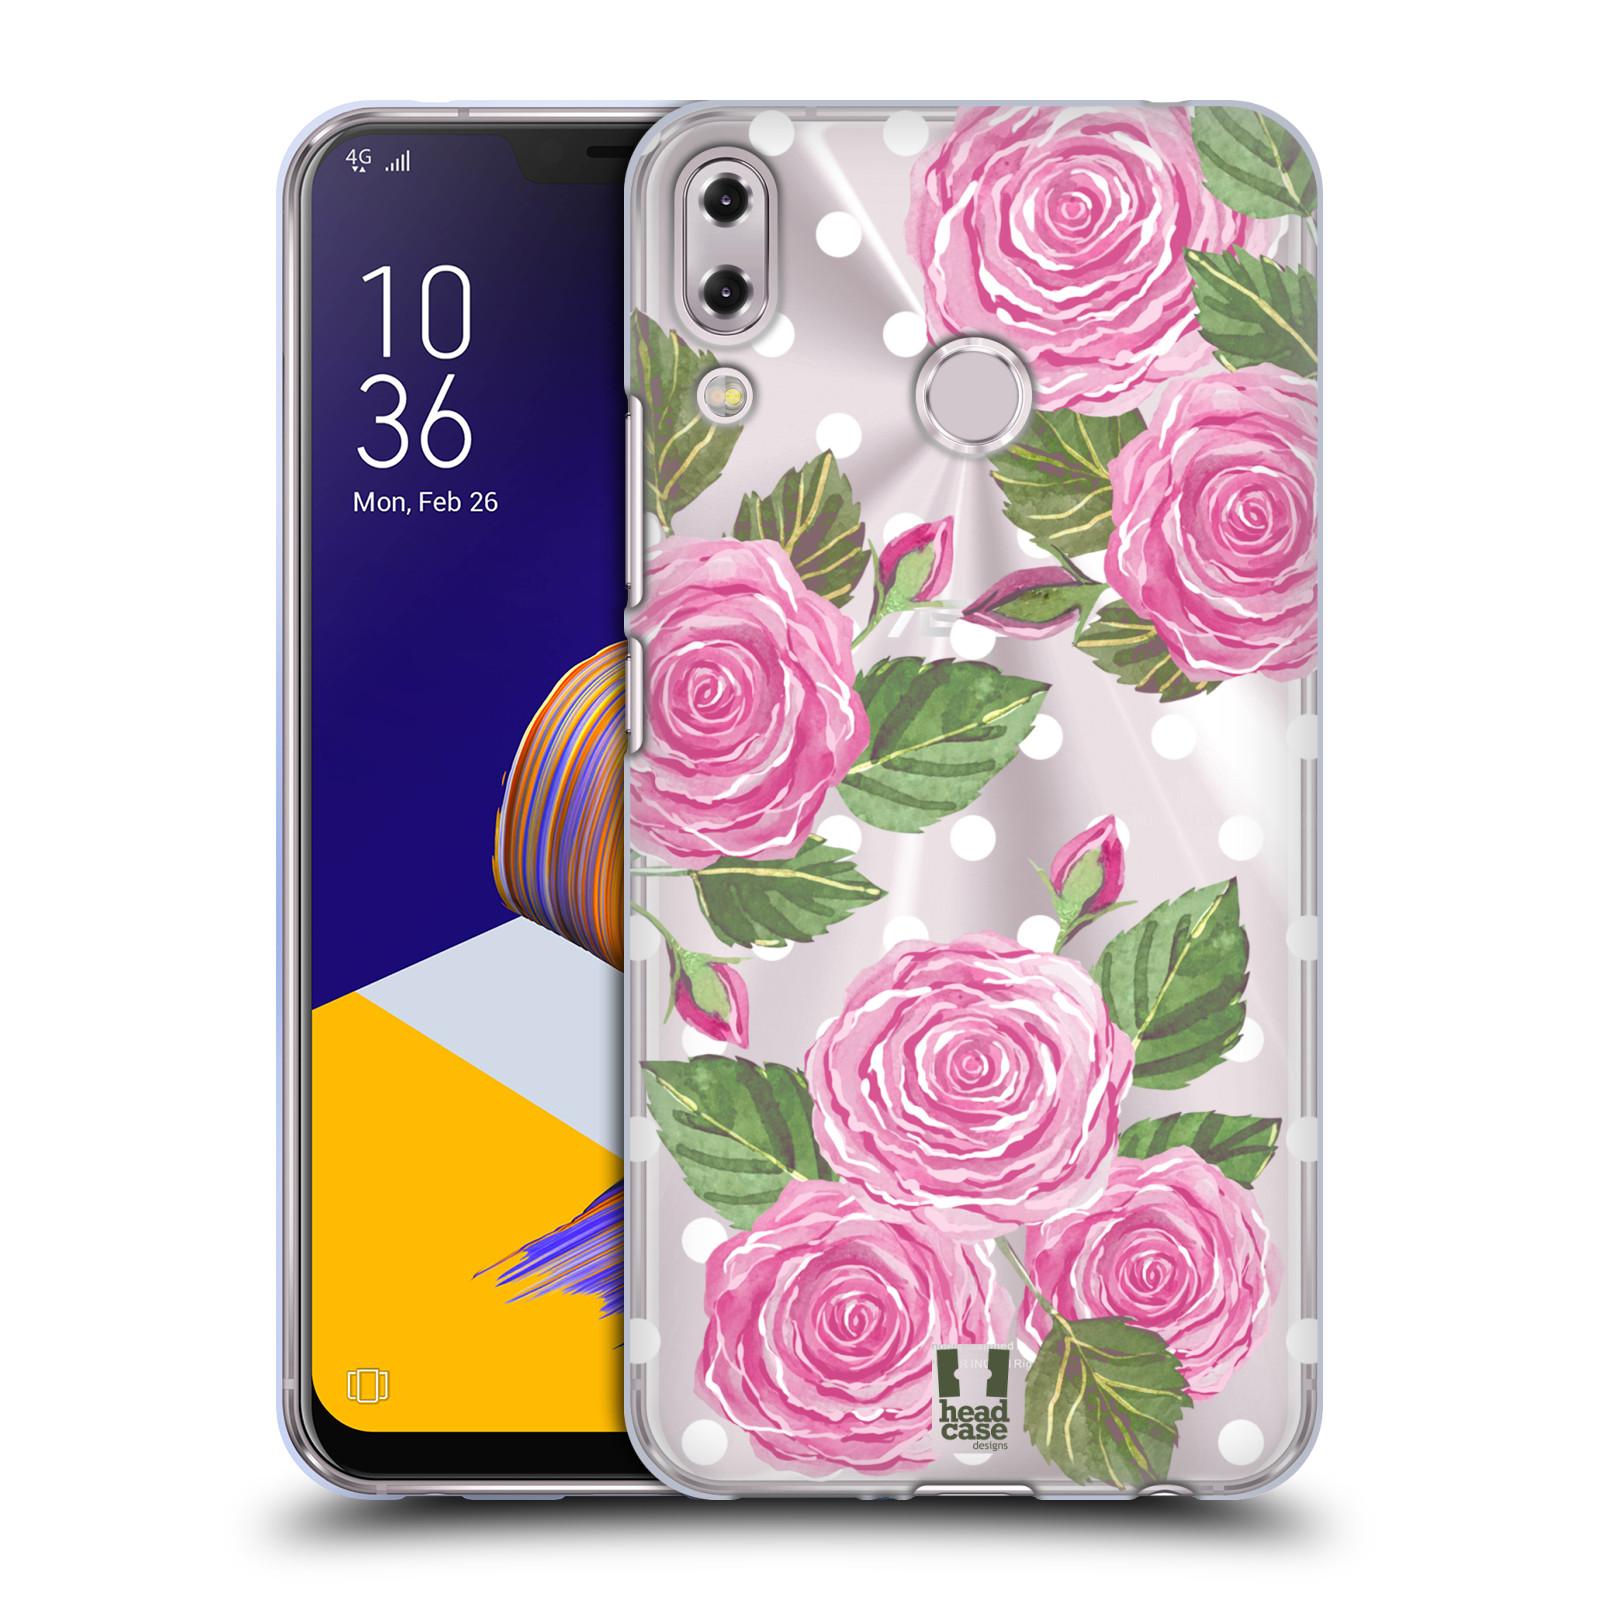 Silikonové pouzdro na mobil Asus Zenfone 5z ZS620KL - Head Case - Hezoučké růžičky - průhledné